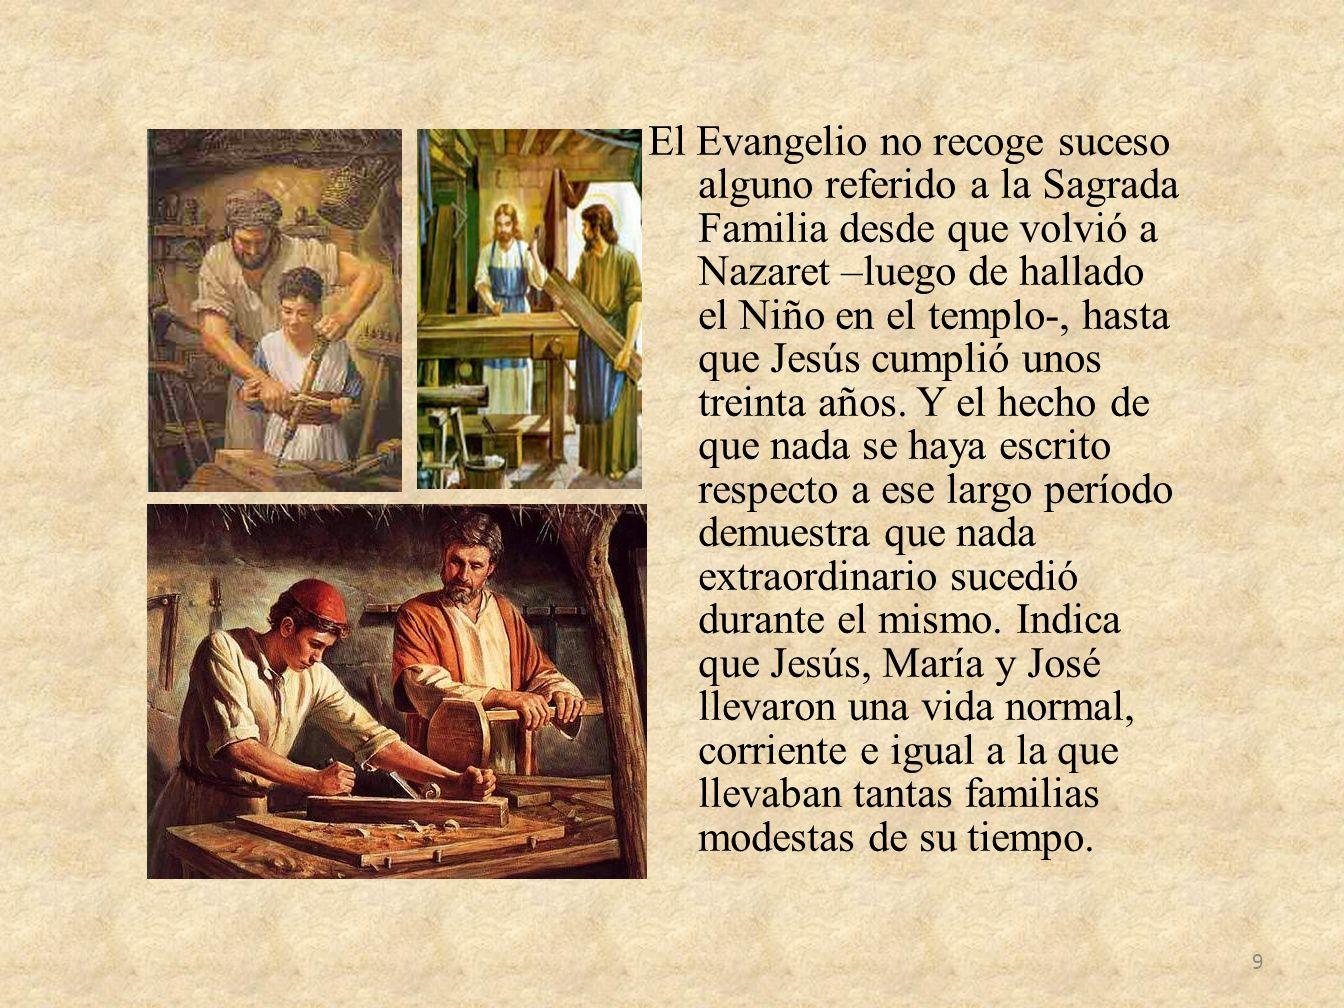 El Evangelio no recoge suceso alguno referido a la Sagrada Familia desde que volvió a Nazaret –luego de hallado el Niño en el templo-, hasta que Jesús cumplió unos treinta años.